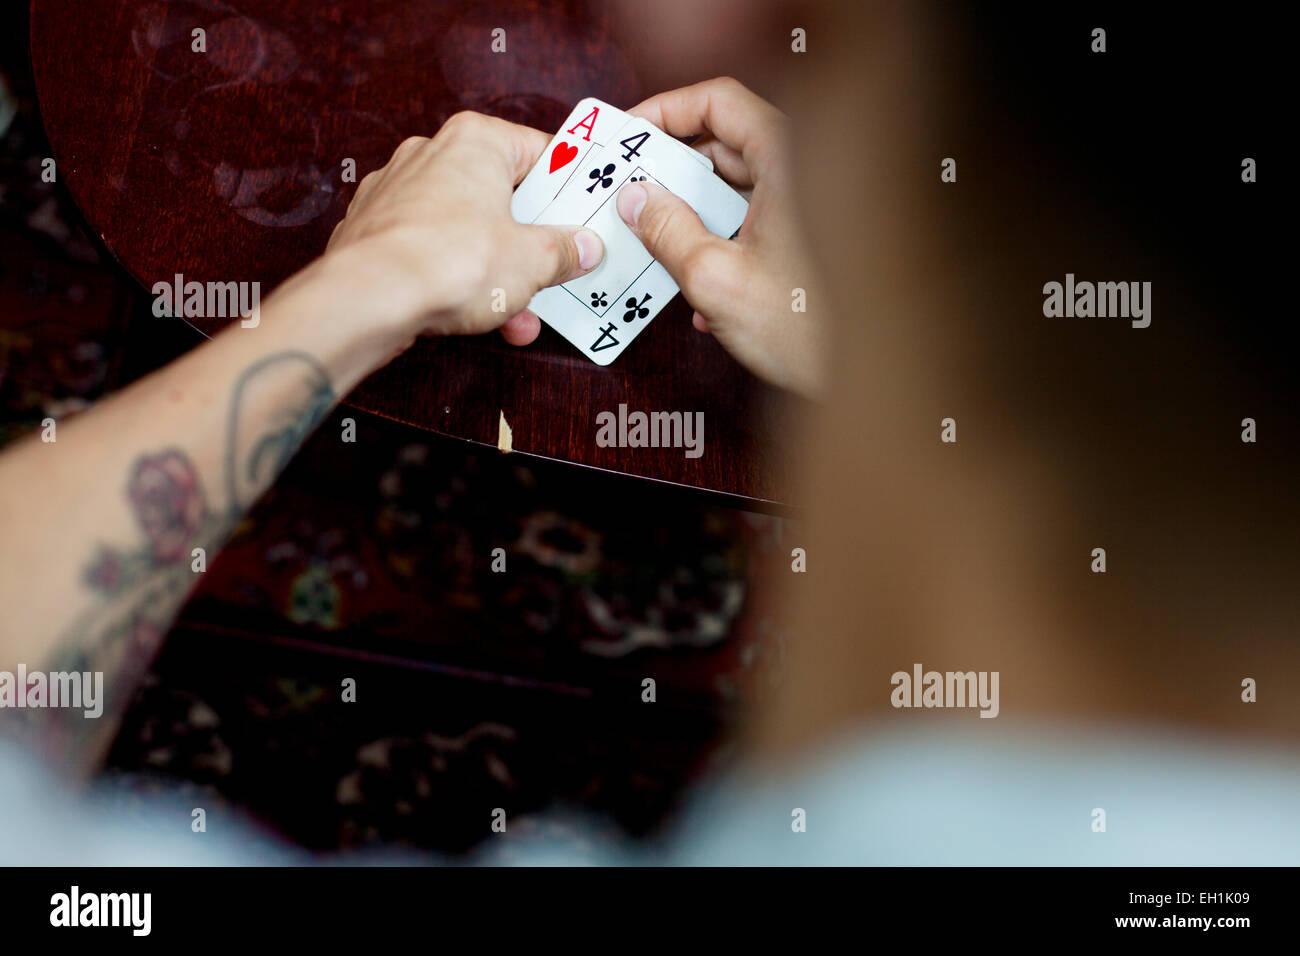 Bild von Spielkarten zu Hause Mann beschnitten Stockfoto